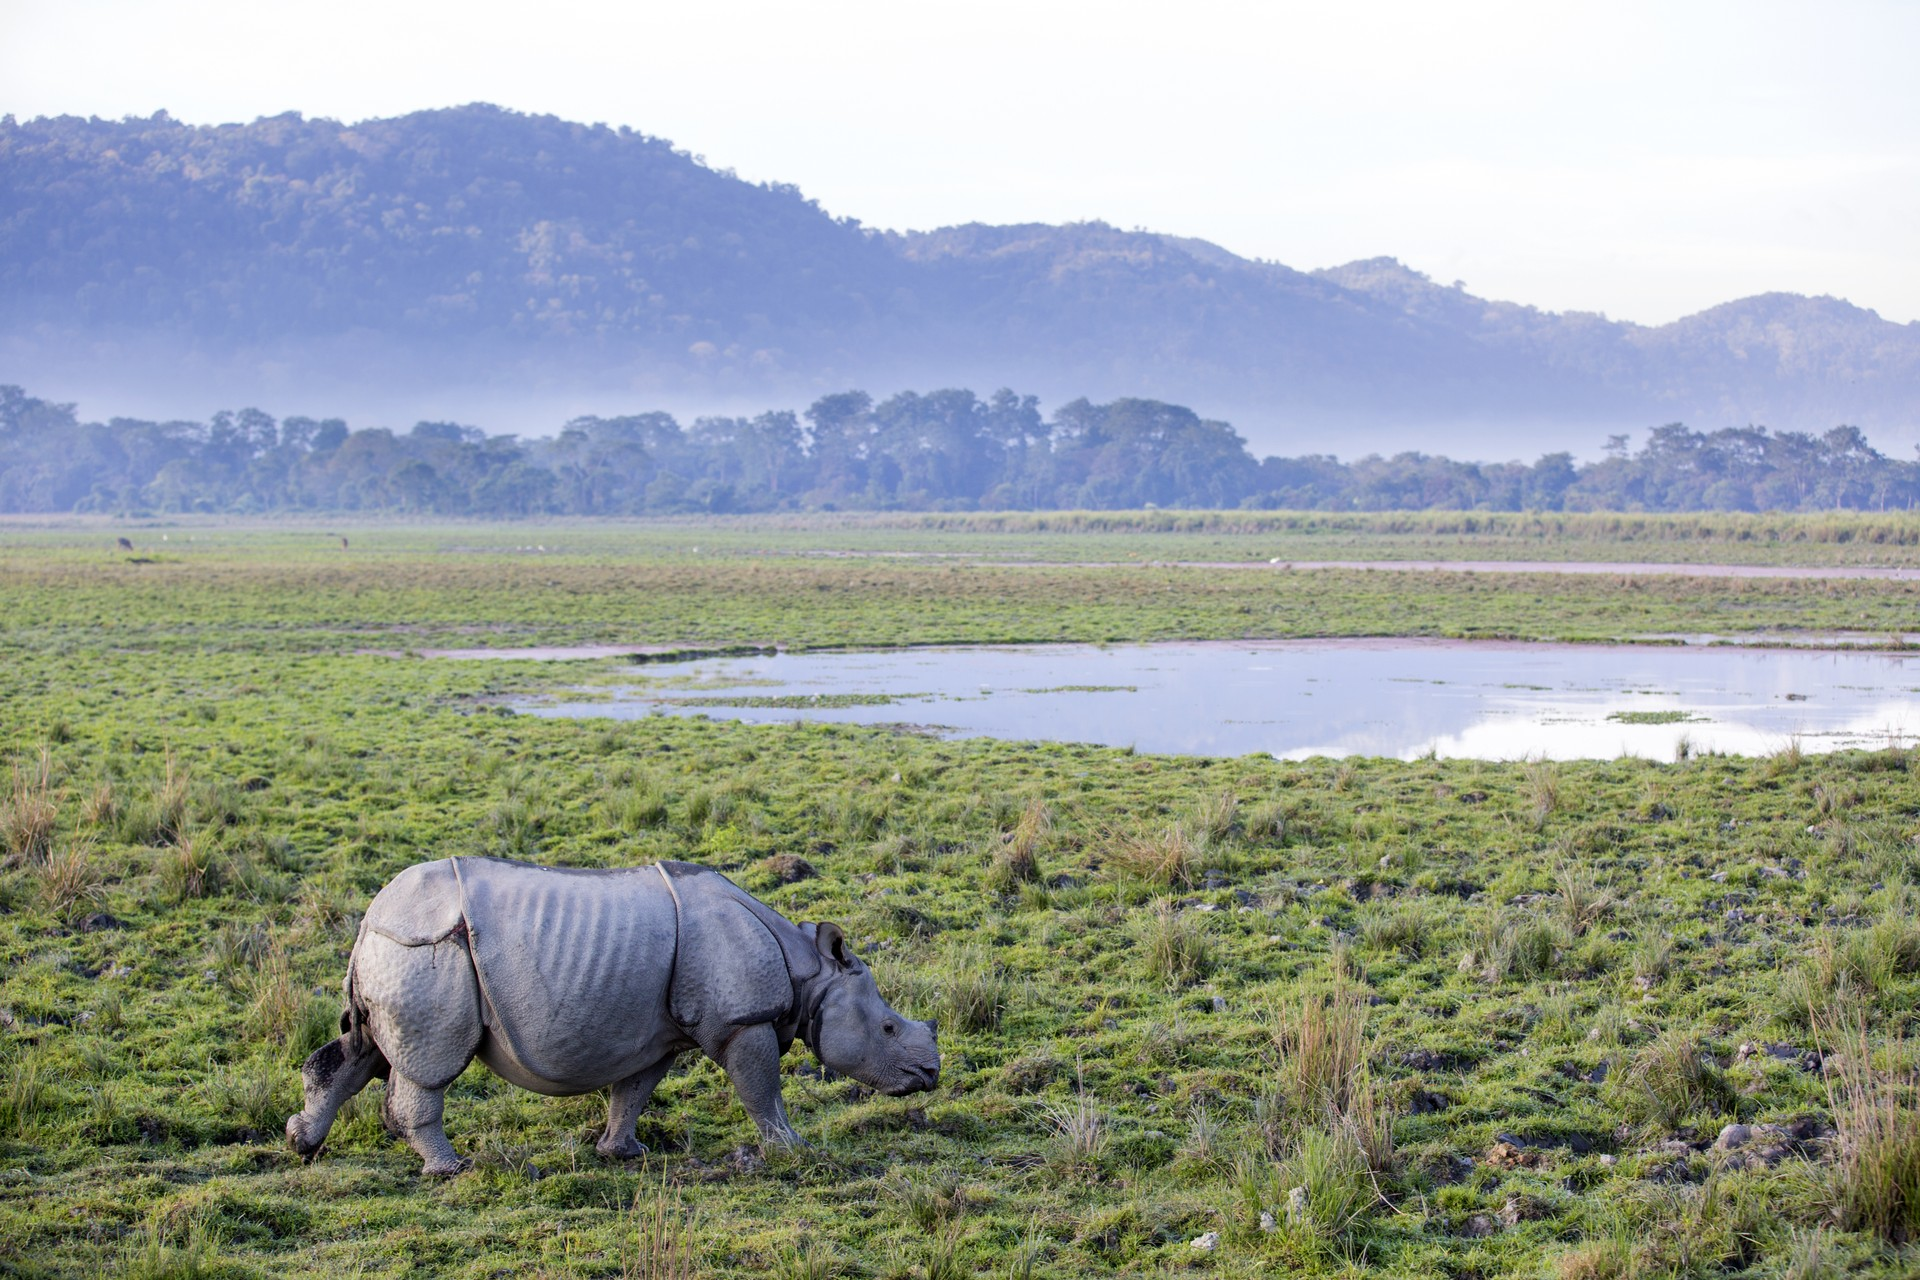 Top 10 scenic journeys: Kaziranga National Park